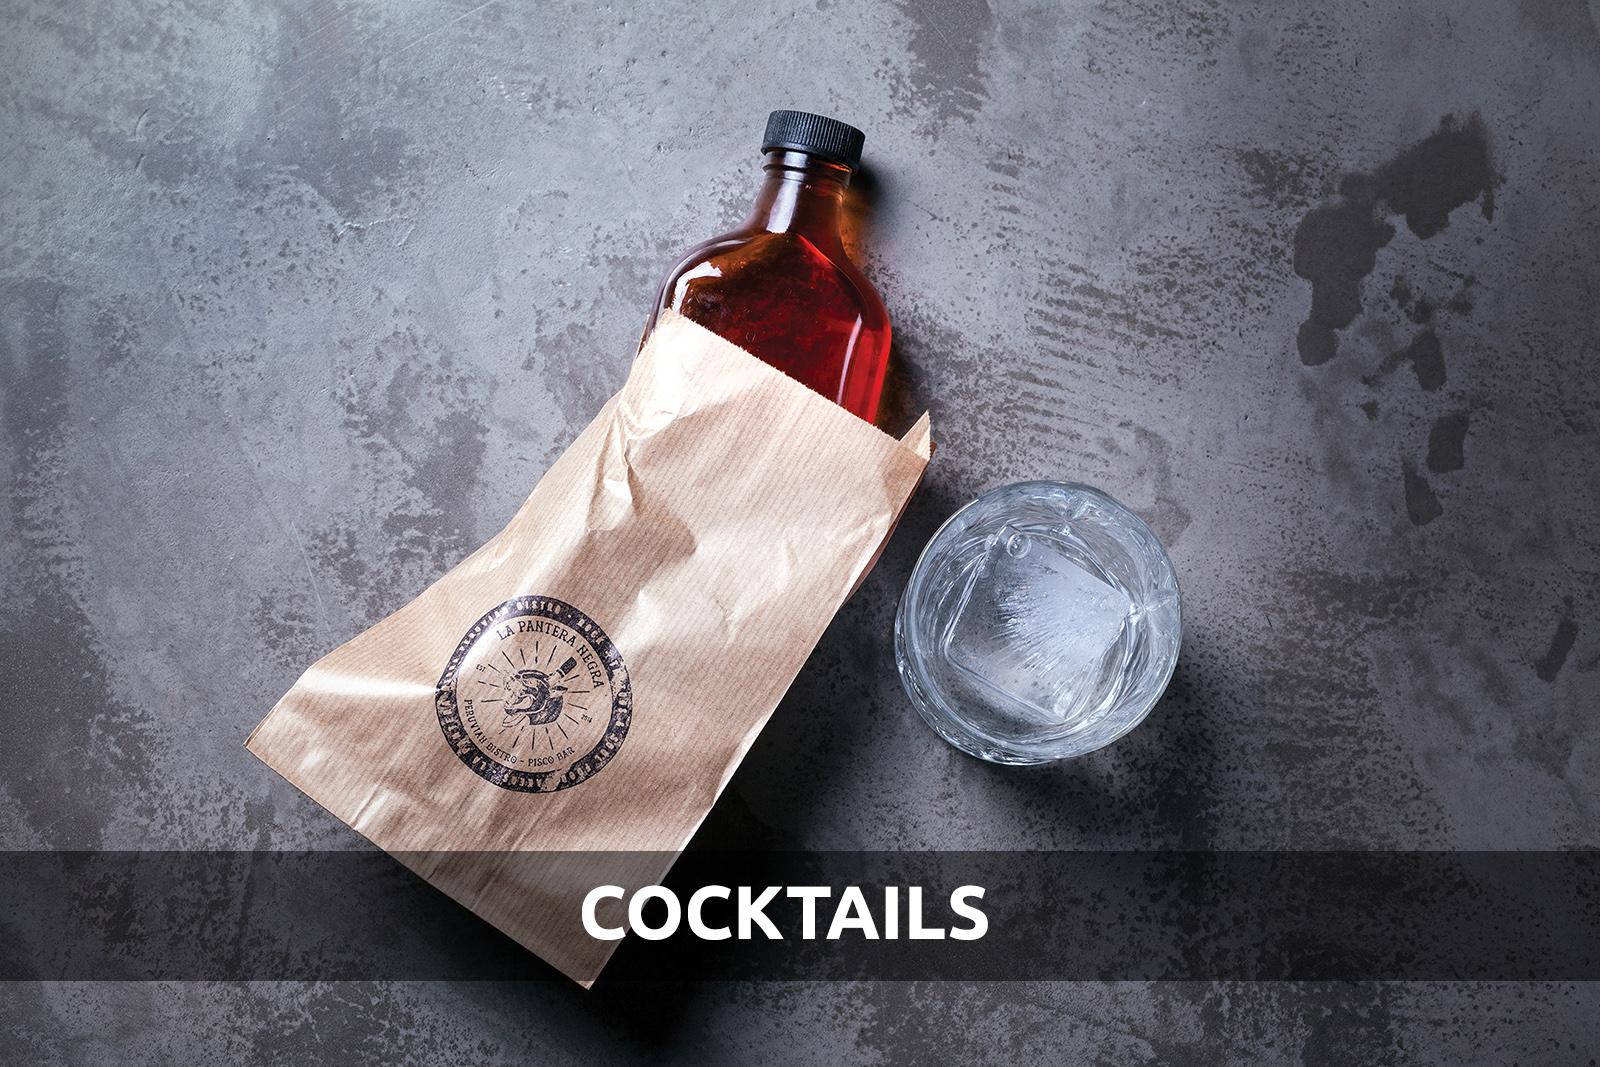 cocktails-title